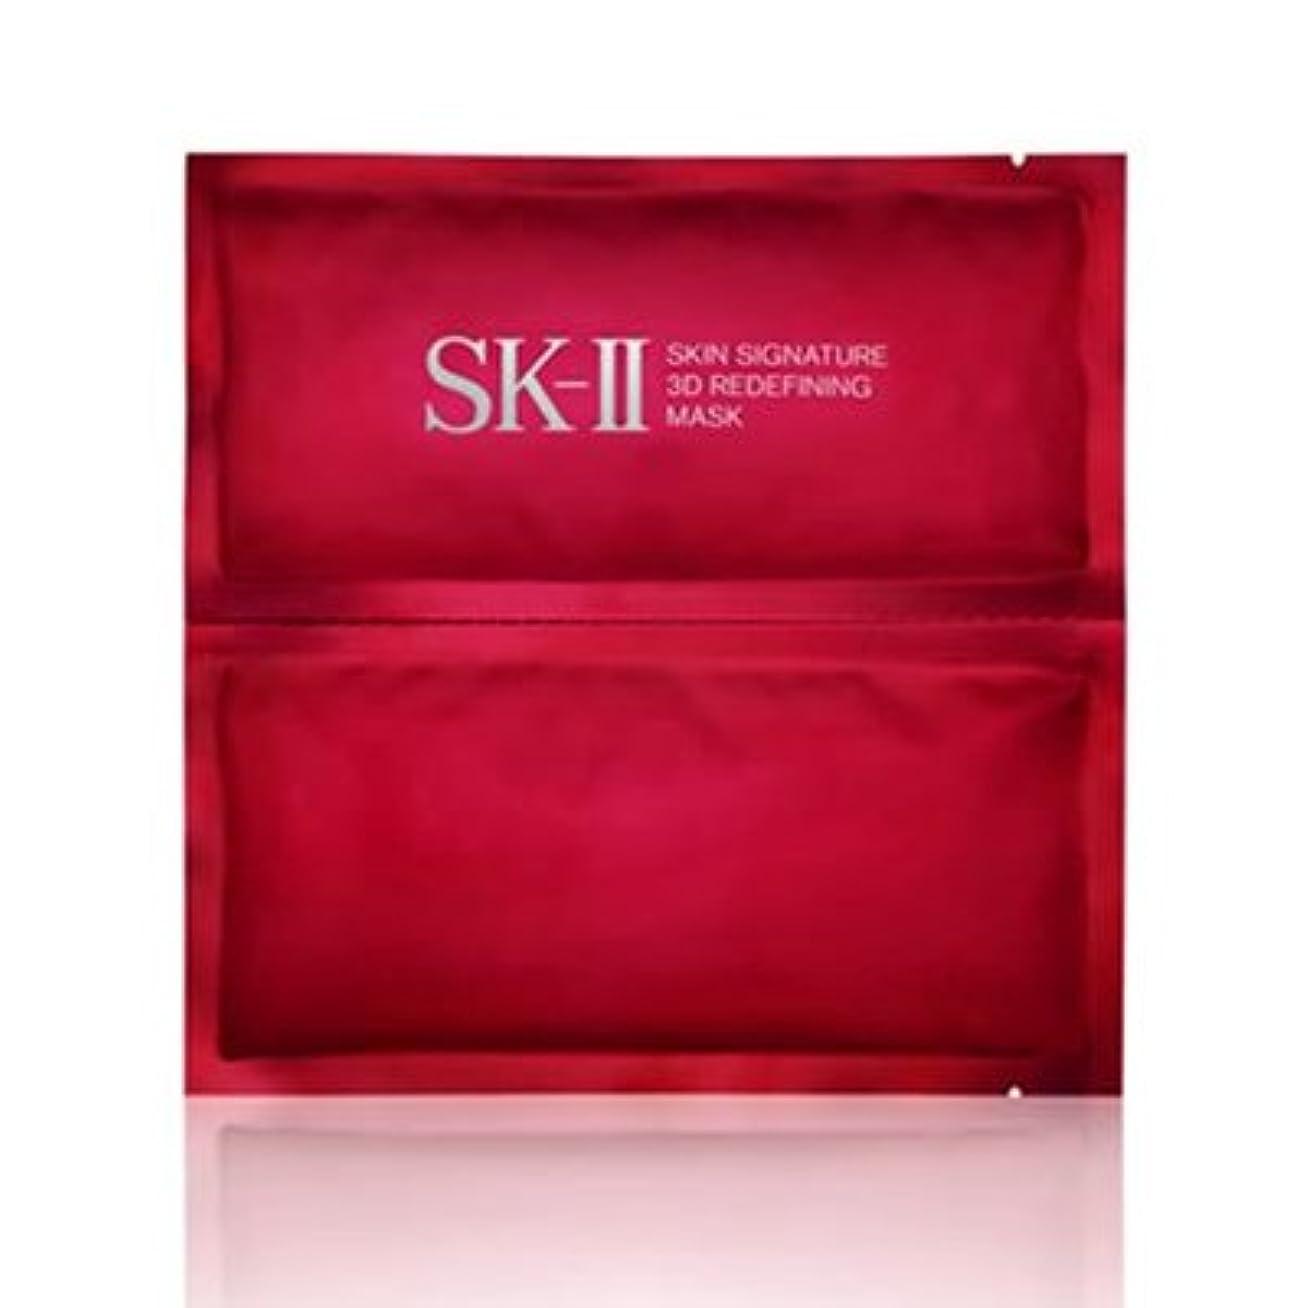 SK-II スキンシグネチャー3Dリディファイニングマスク1枚